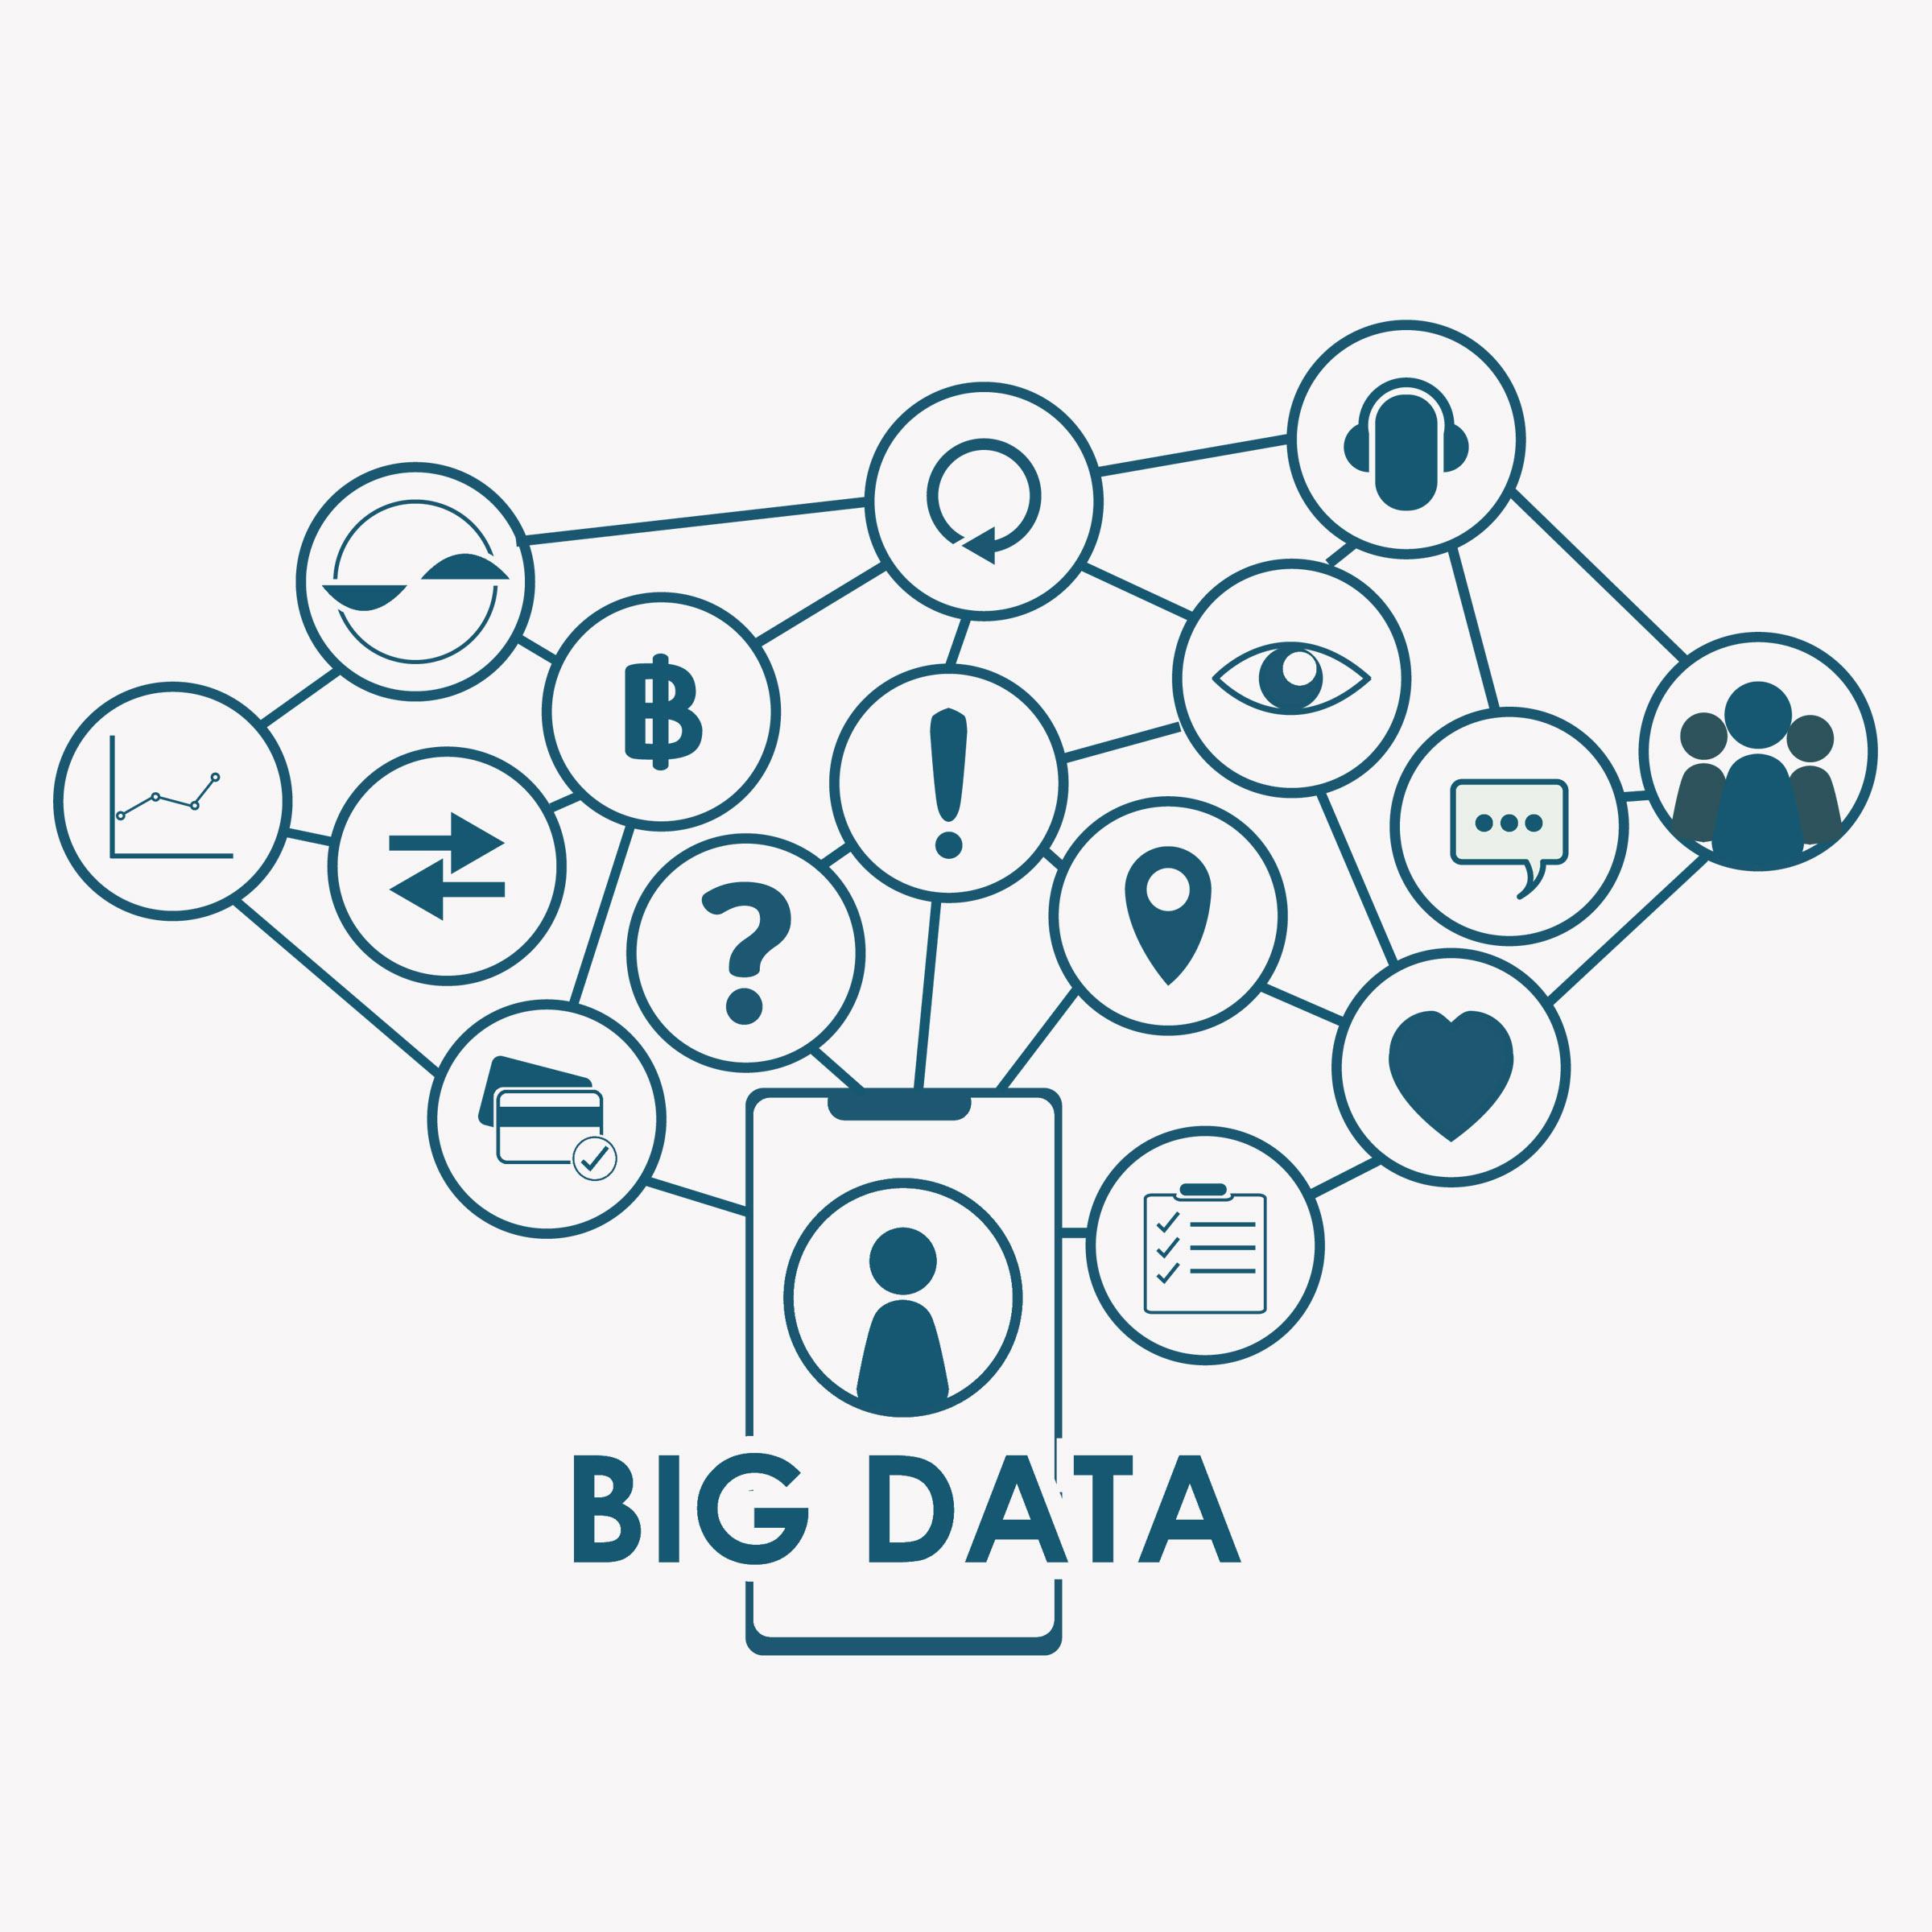 big data, big data คืออะไร, big data คือ, big data ไทย, big data ประโยชน์, สรุป big data, big data ประโยชน์ต่อสังคม, big data มีประโยชน์อย่างไรในปัจจุบัน, ผลกระทบของ big data, แนวคิดbig data, big data analyticsbig data มีประโยชน์อย่างไรในปัจจุบัน, big data ประโยชน์ต่อสังคม, big data 4v, big data คือ อะไร กระบวนการ ทำงาน และ การนำ ไป ใช้ ประโยชน์ , แนวคิดbig data, big data ไทย, big data มีหลักการทำงานอย่างไร, ผลกระทบของ big data